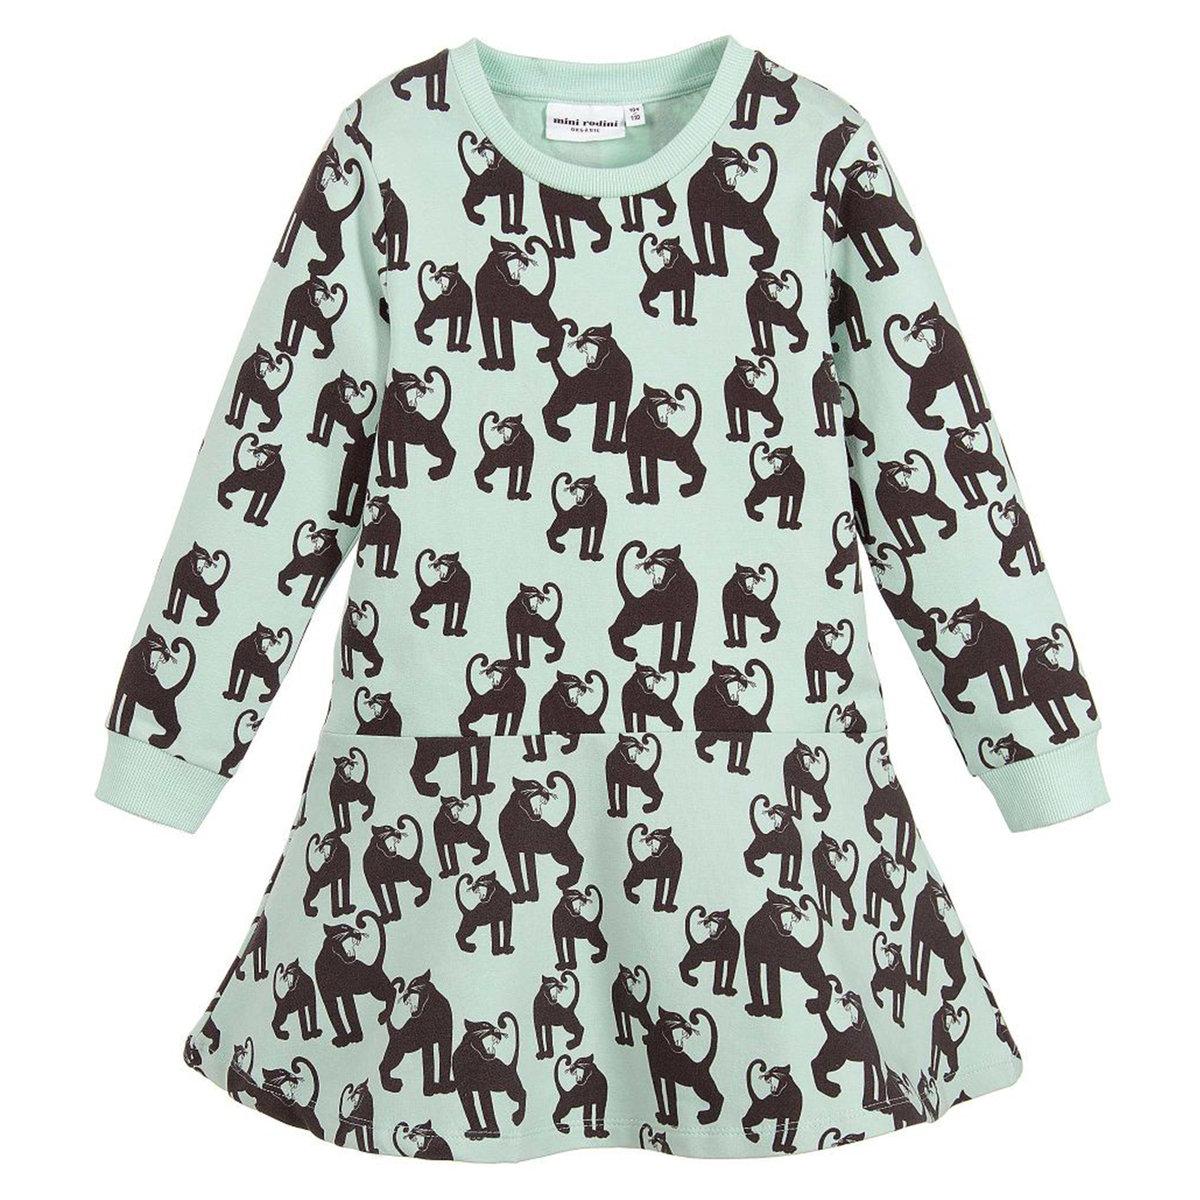 02b942aa66 Home · Mini Rodini  Panther Printed Jersey Dress. Panther Printed Jersey  Dress. Panther Printed Jersey Dress Thumbnail